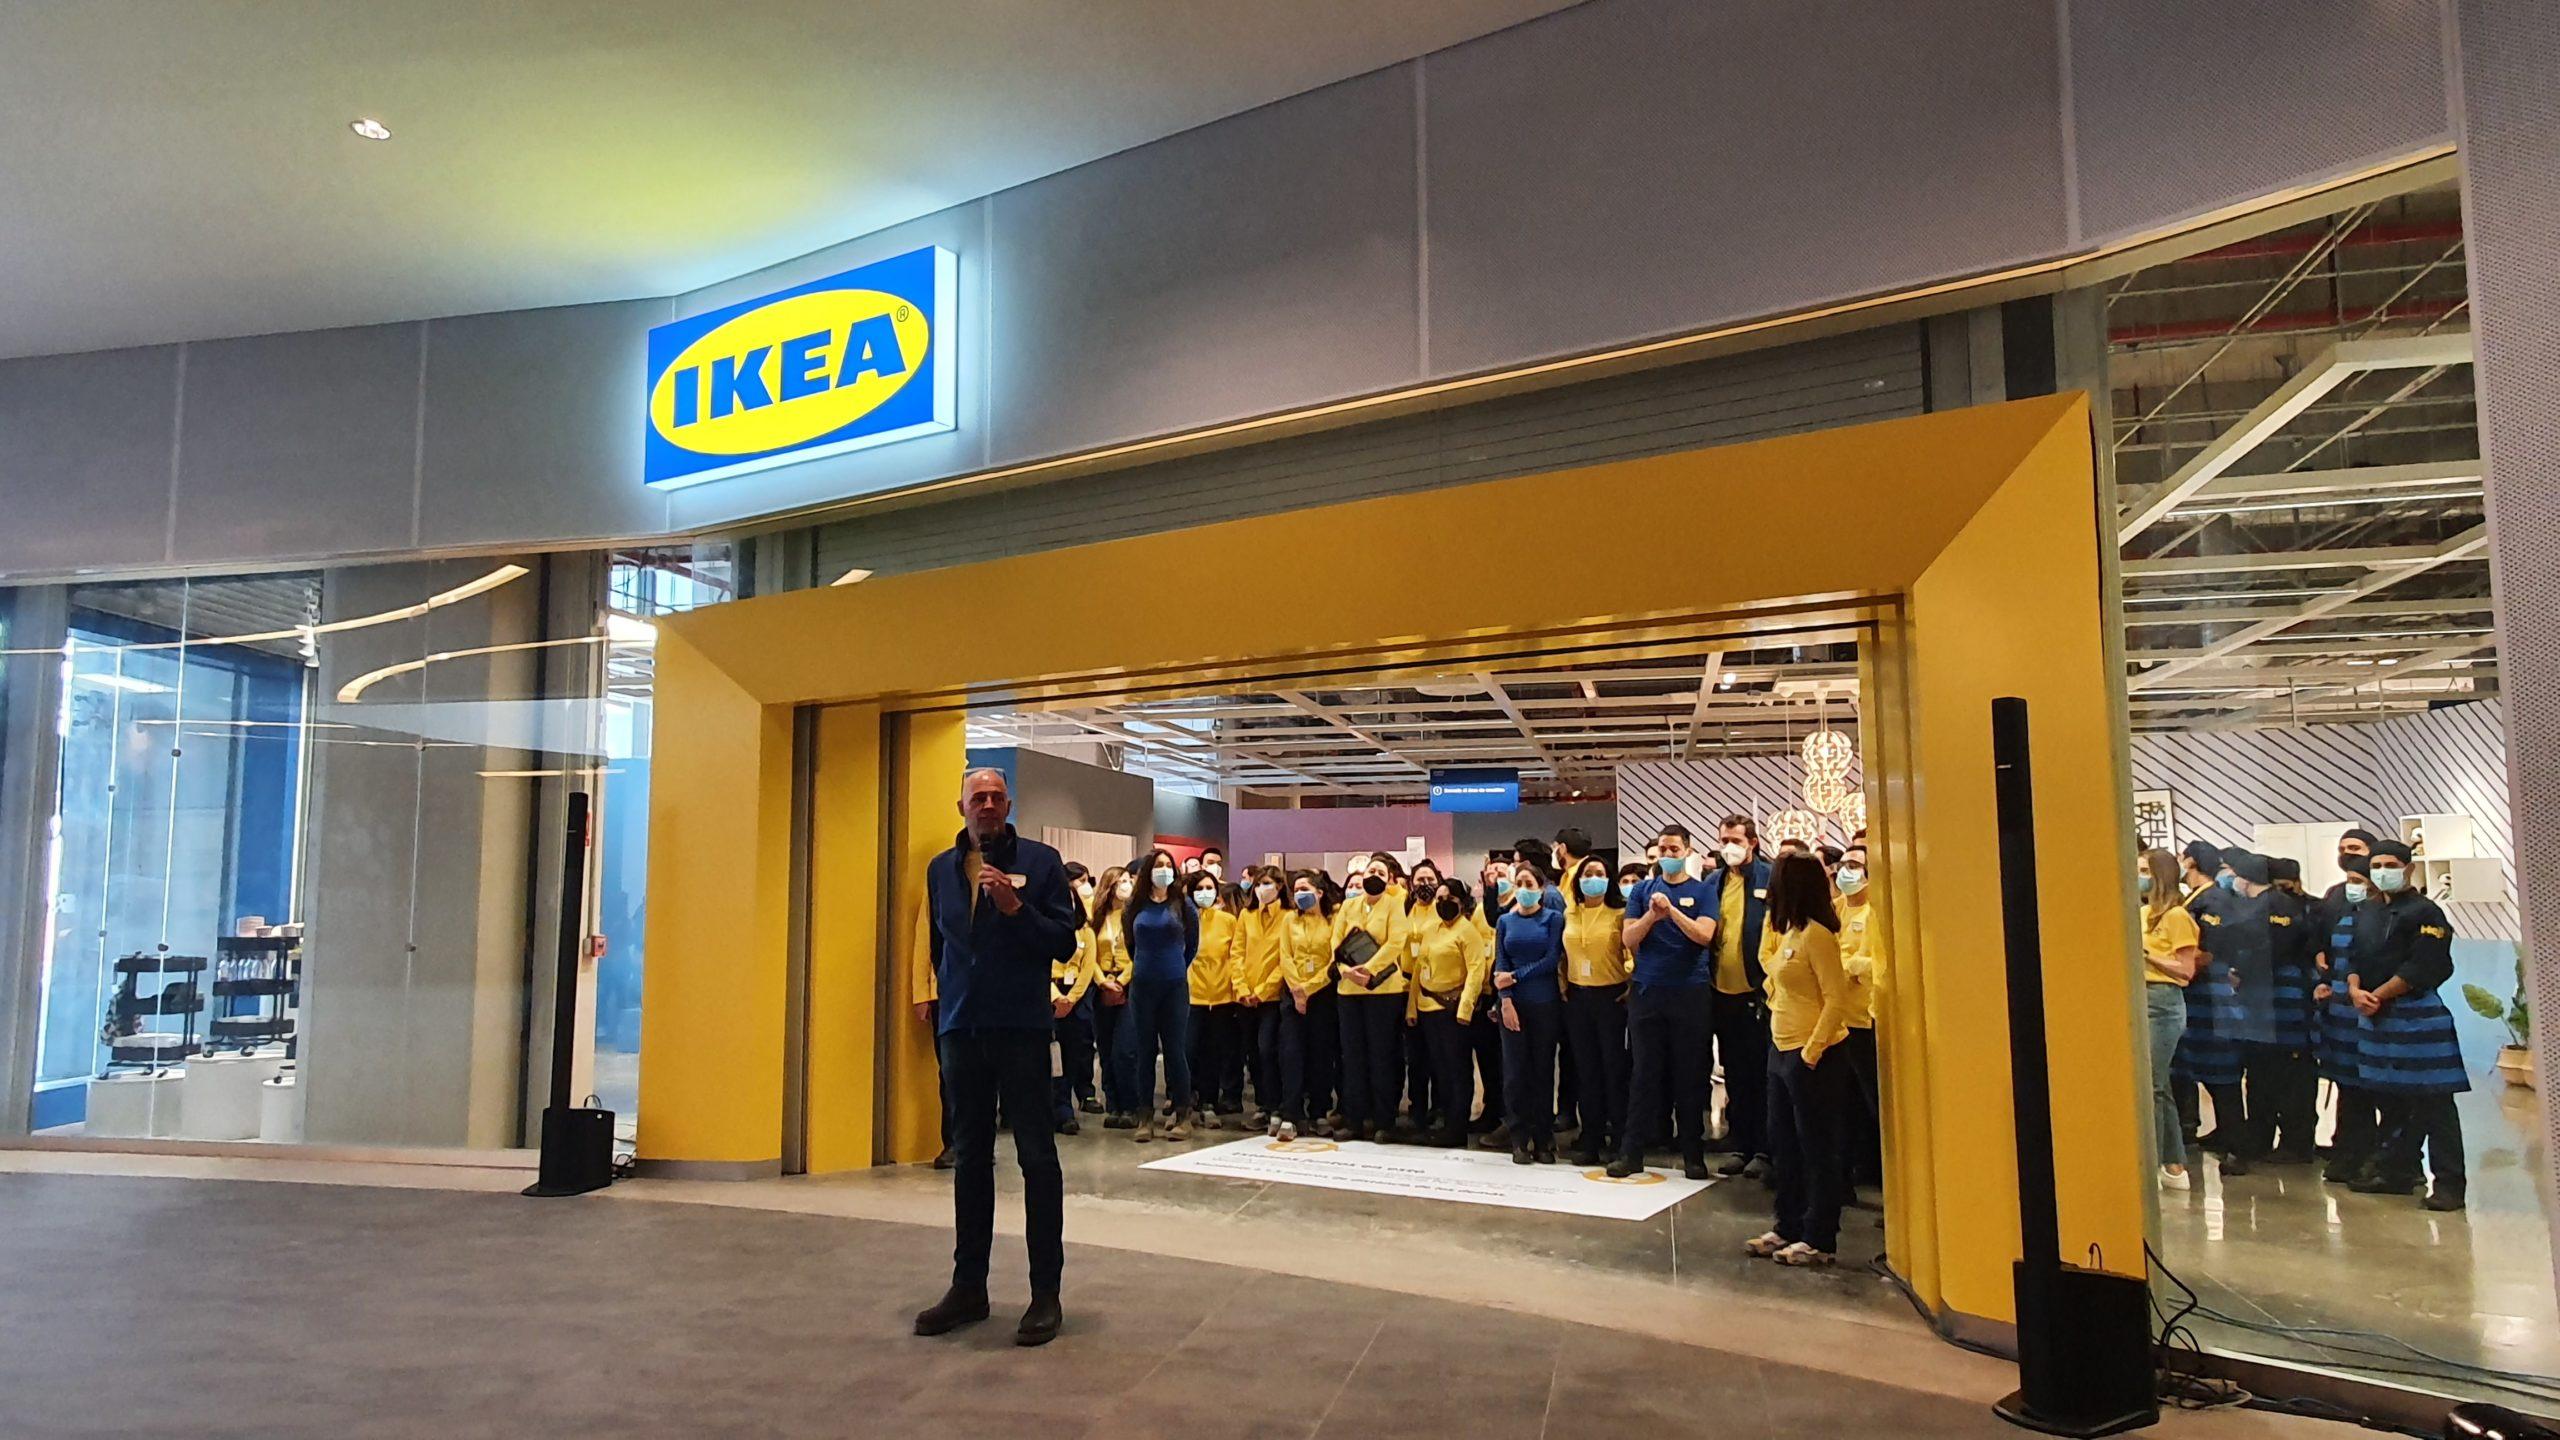 Ikea abre su primera tienda en México el 8 de abril